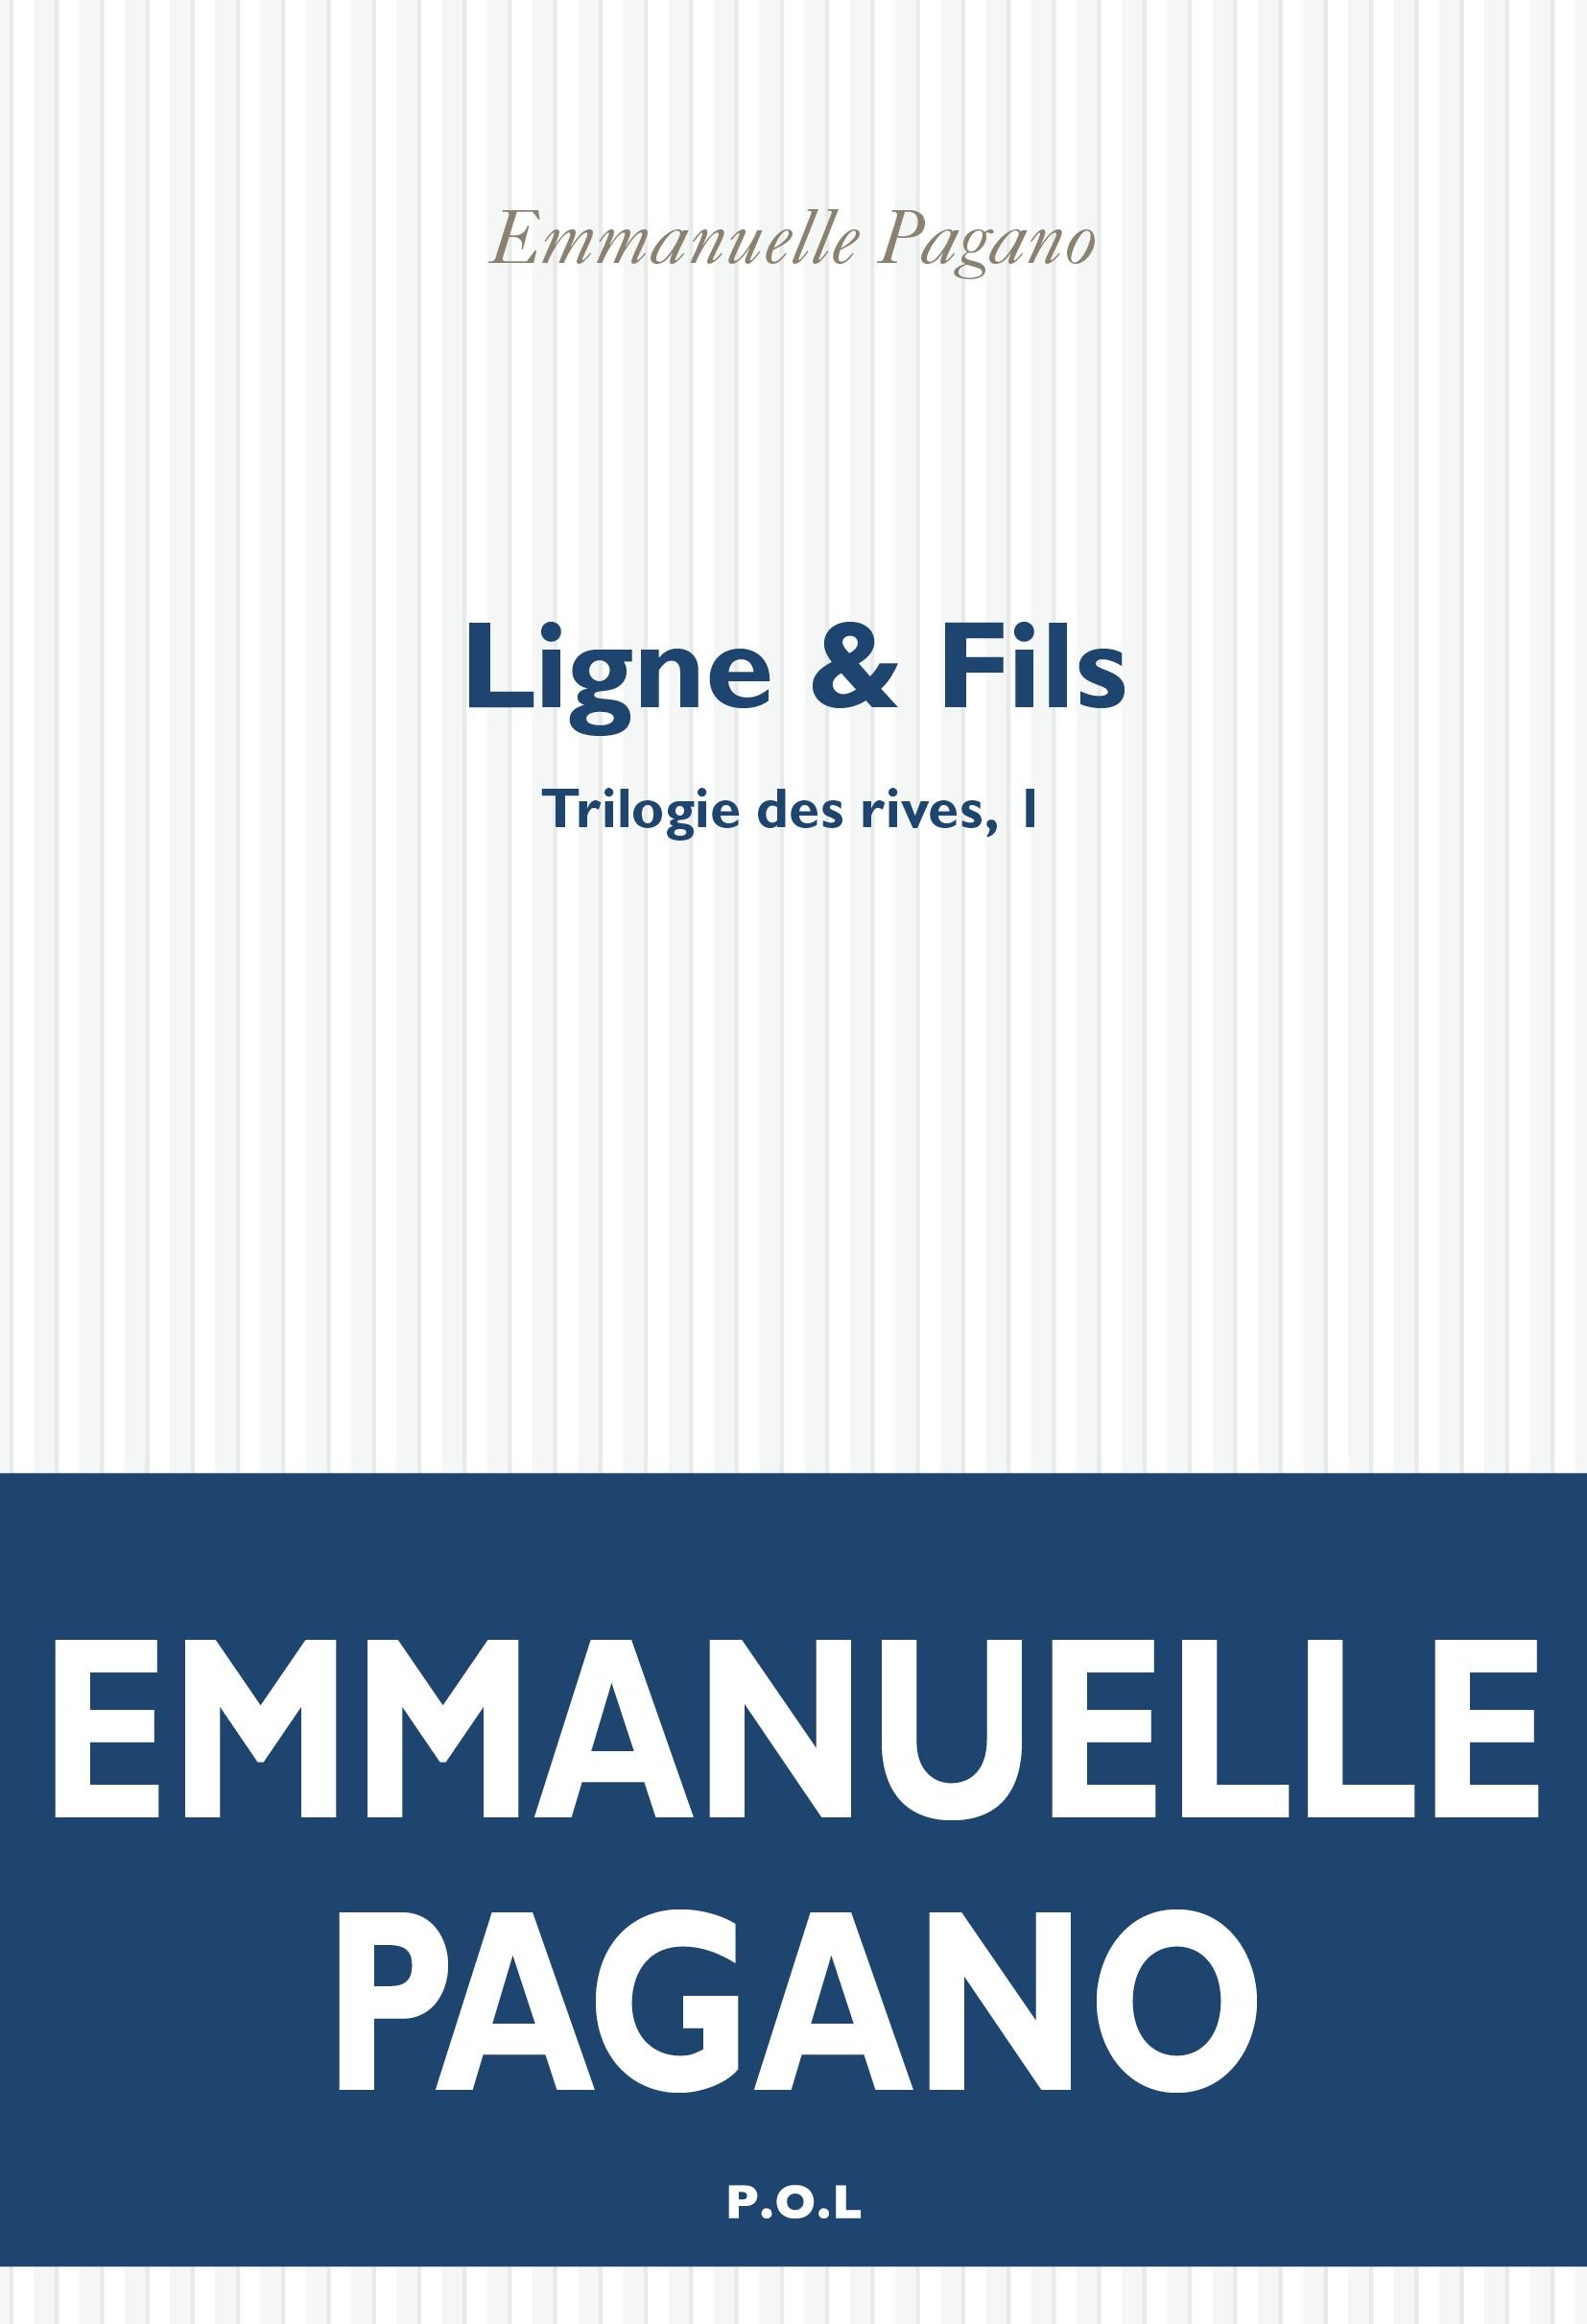 Trilogie des rives (Tome 1) - Ligne & Fils | Pagano, Emmanuelle